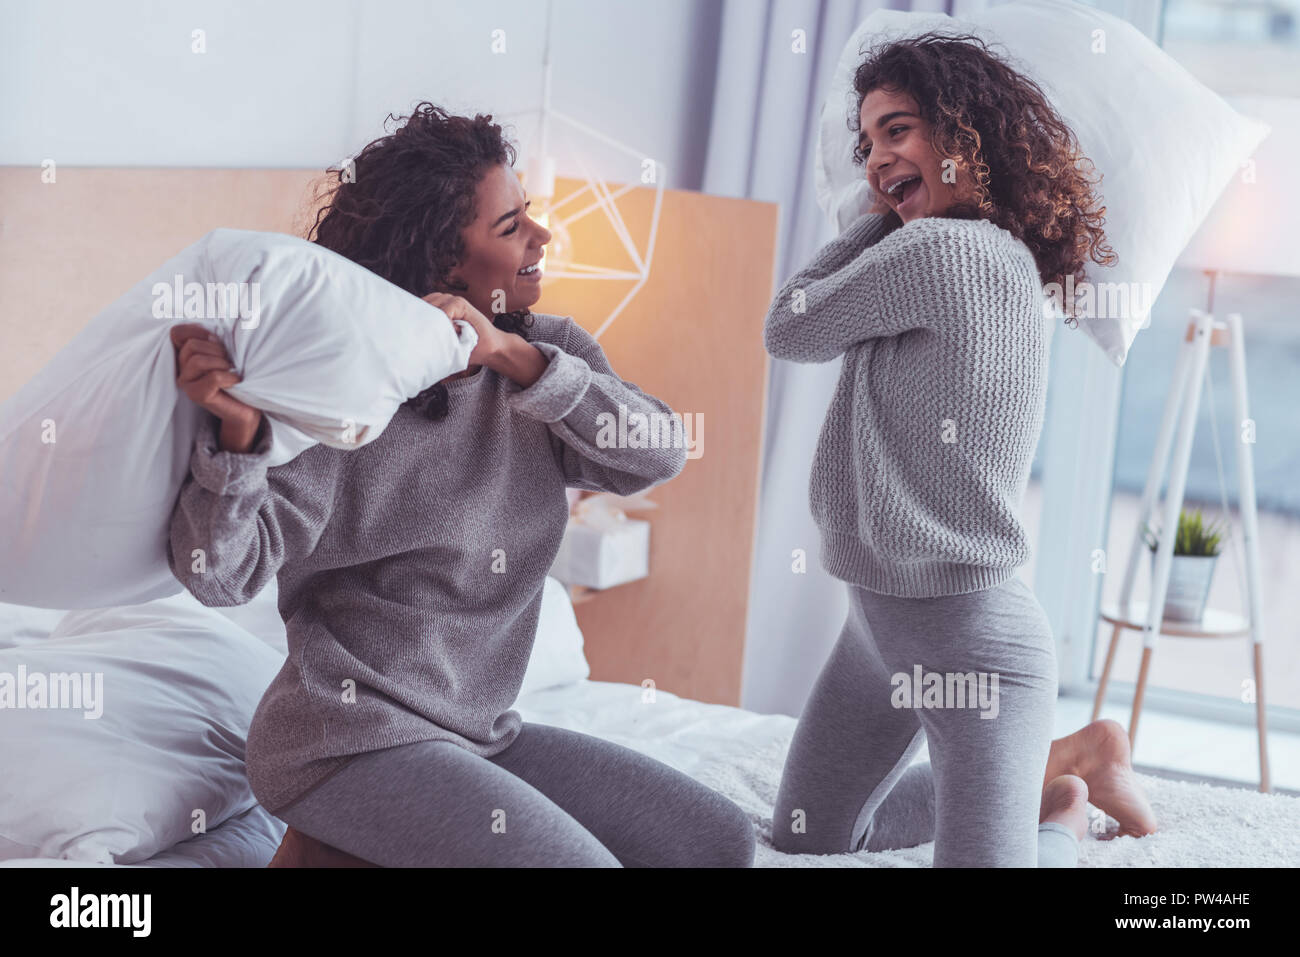 Felice fratelli sensazione allegro pur avendo battaglia cuscini Immagini Stock